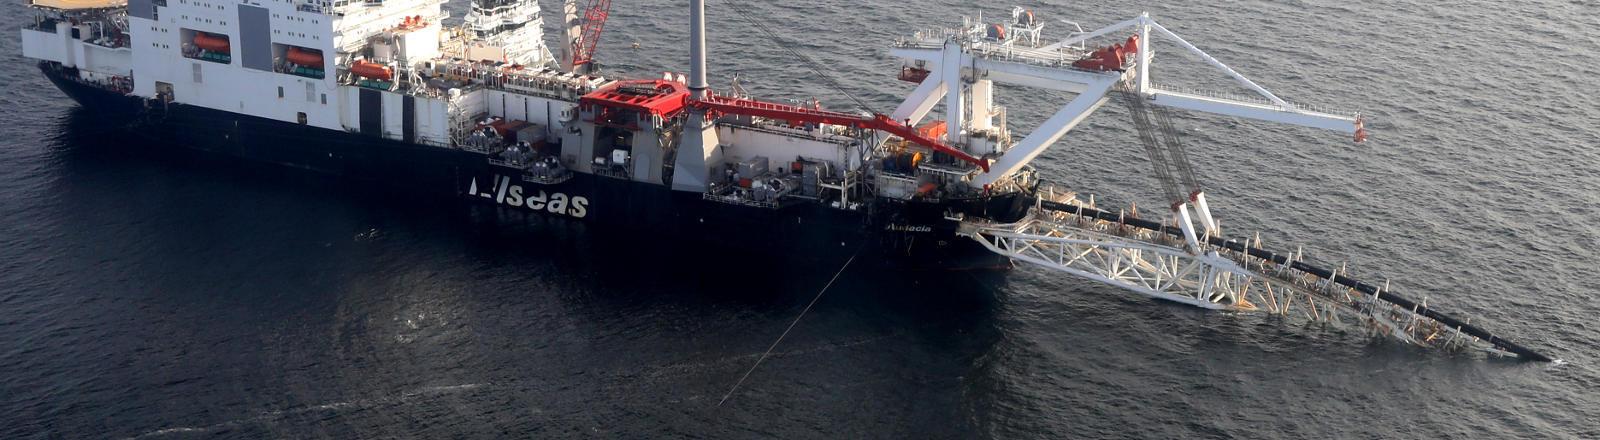 Ein Pipeline-Verlegeschiff auf der Ostsee